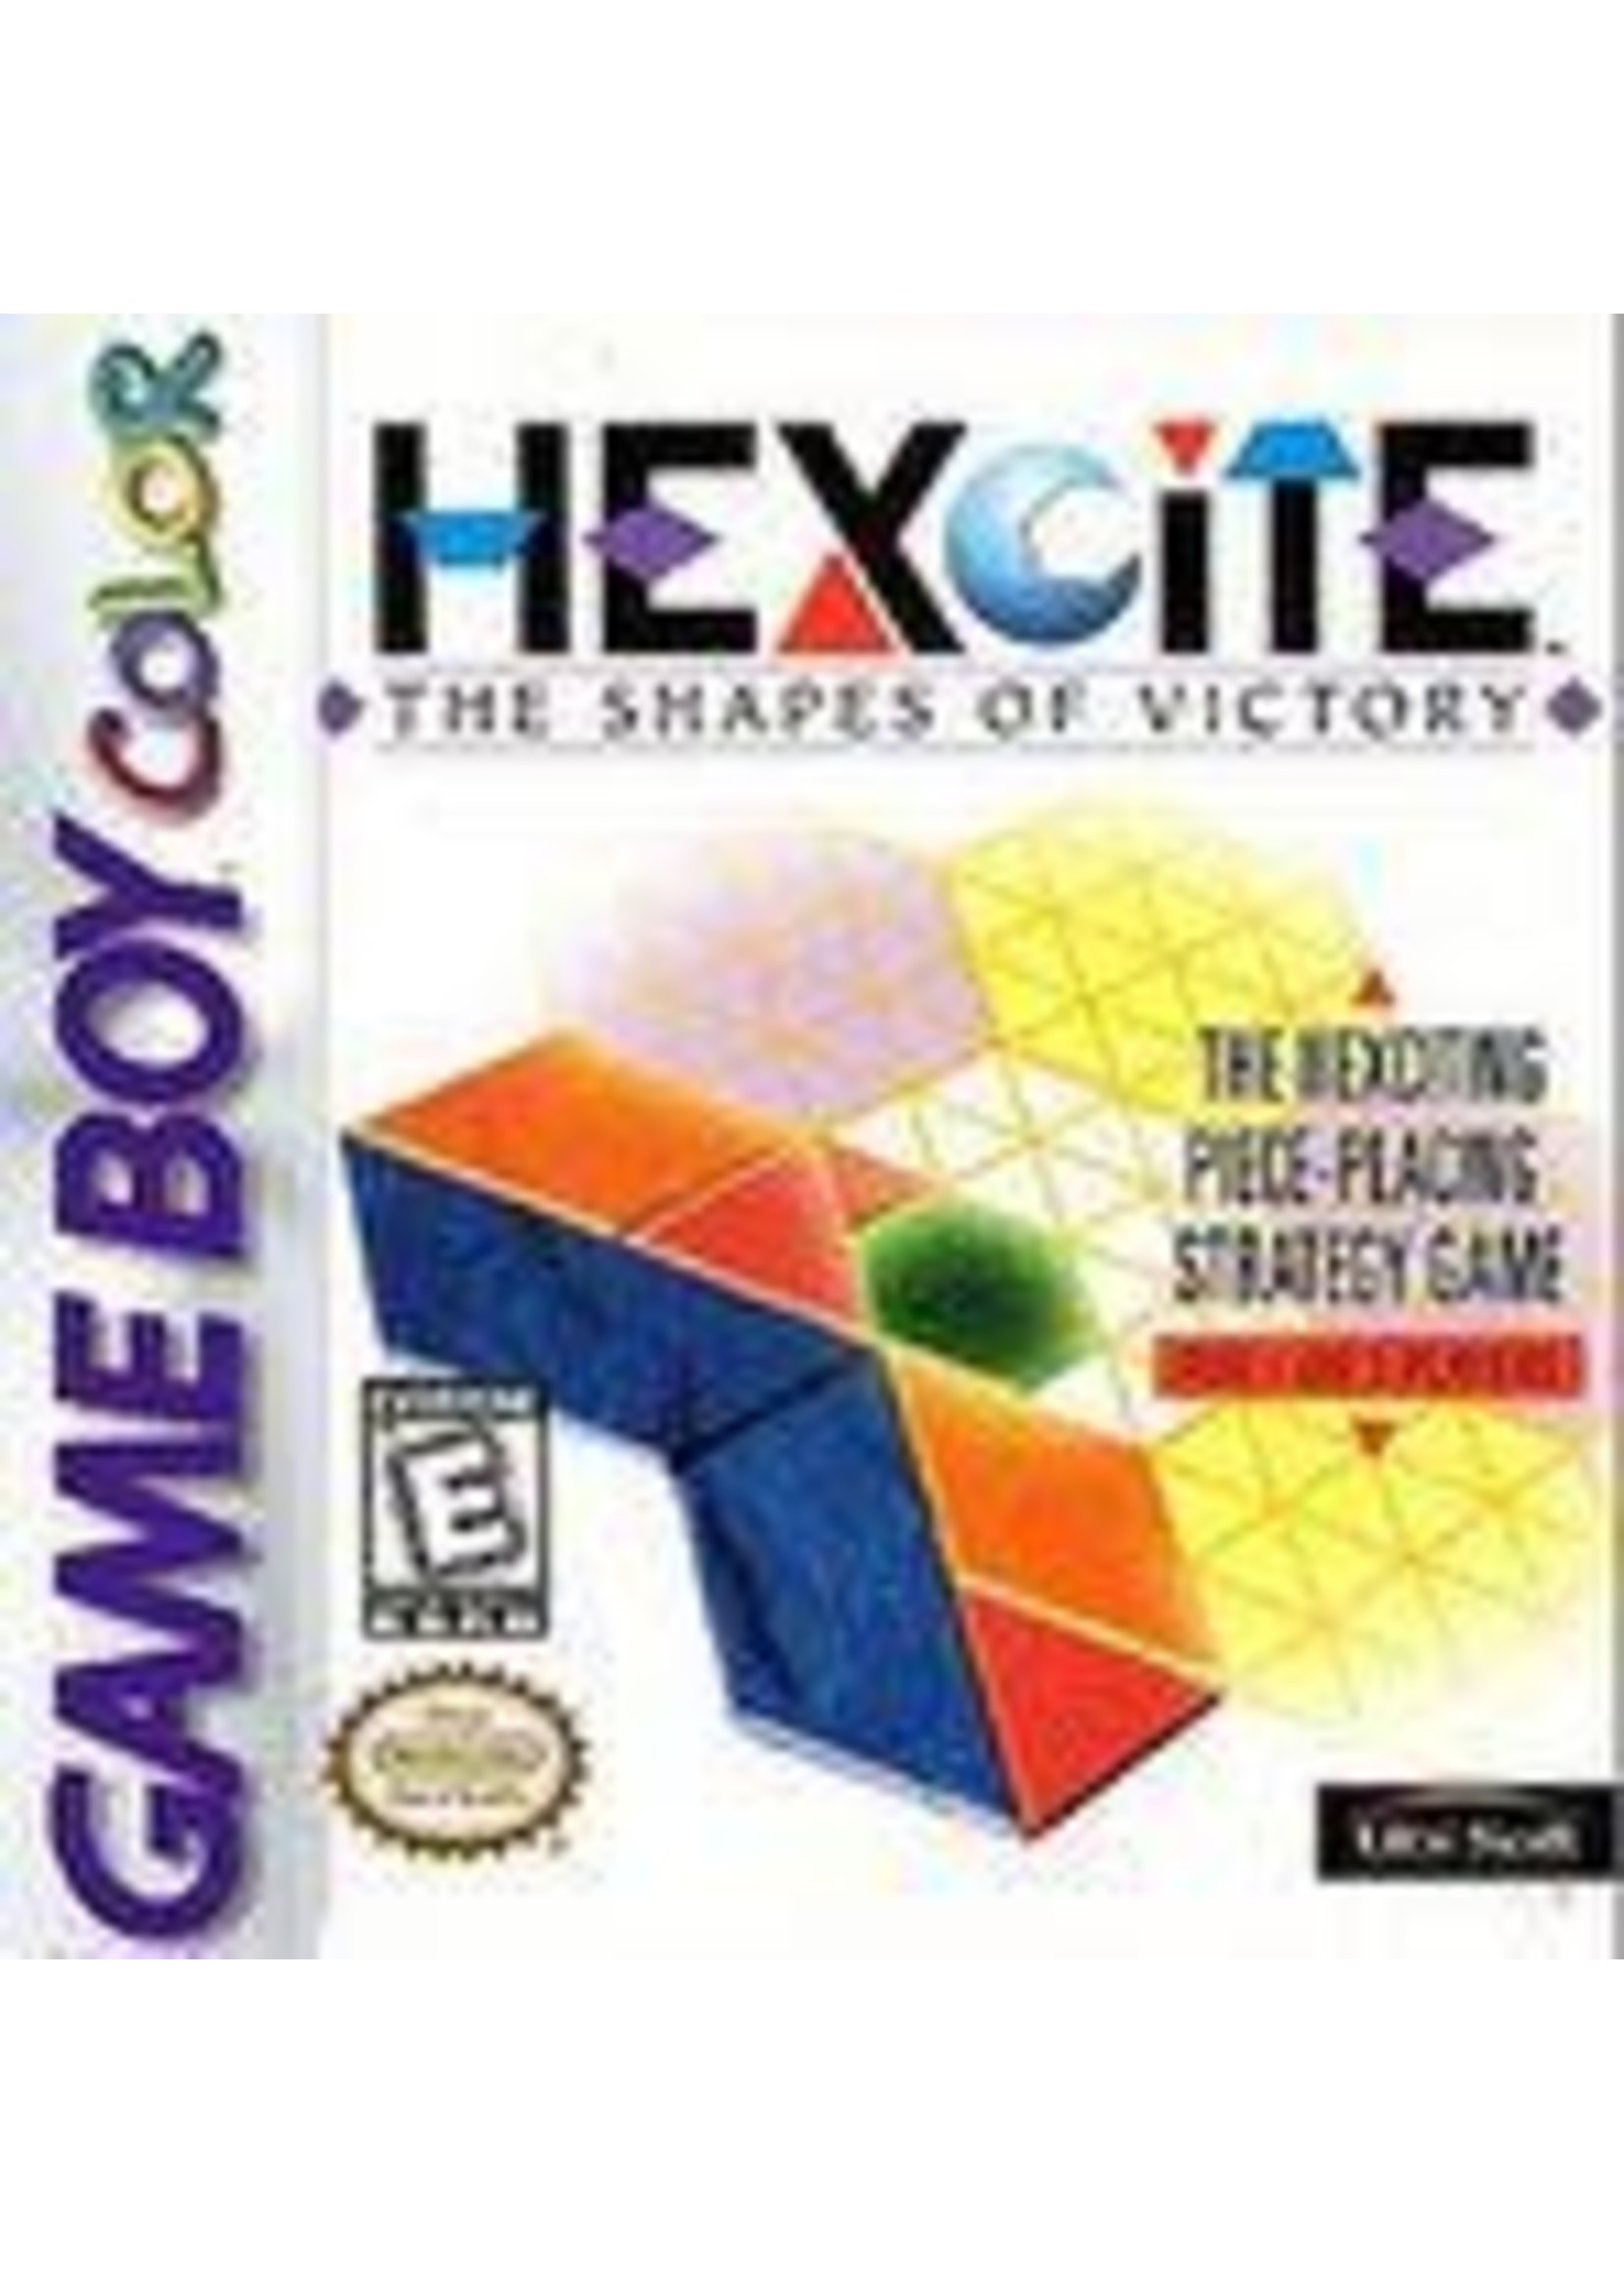 Hexcite GameBoy Color